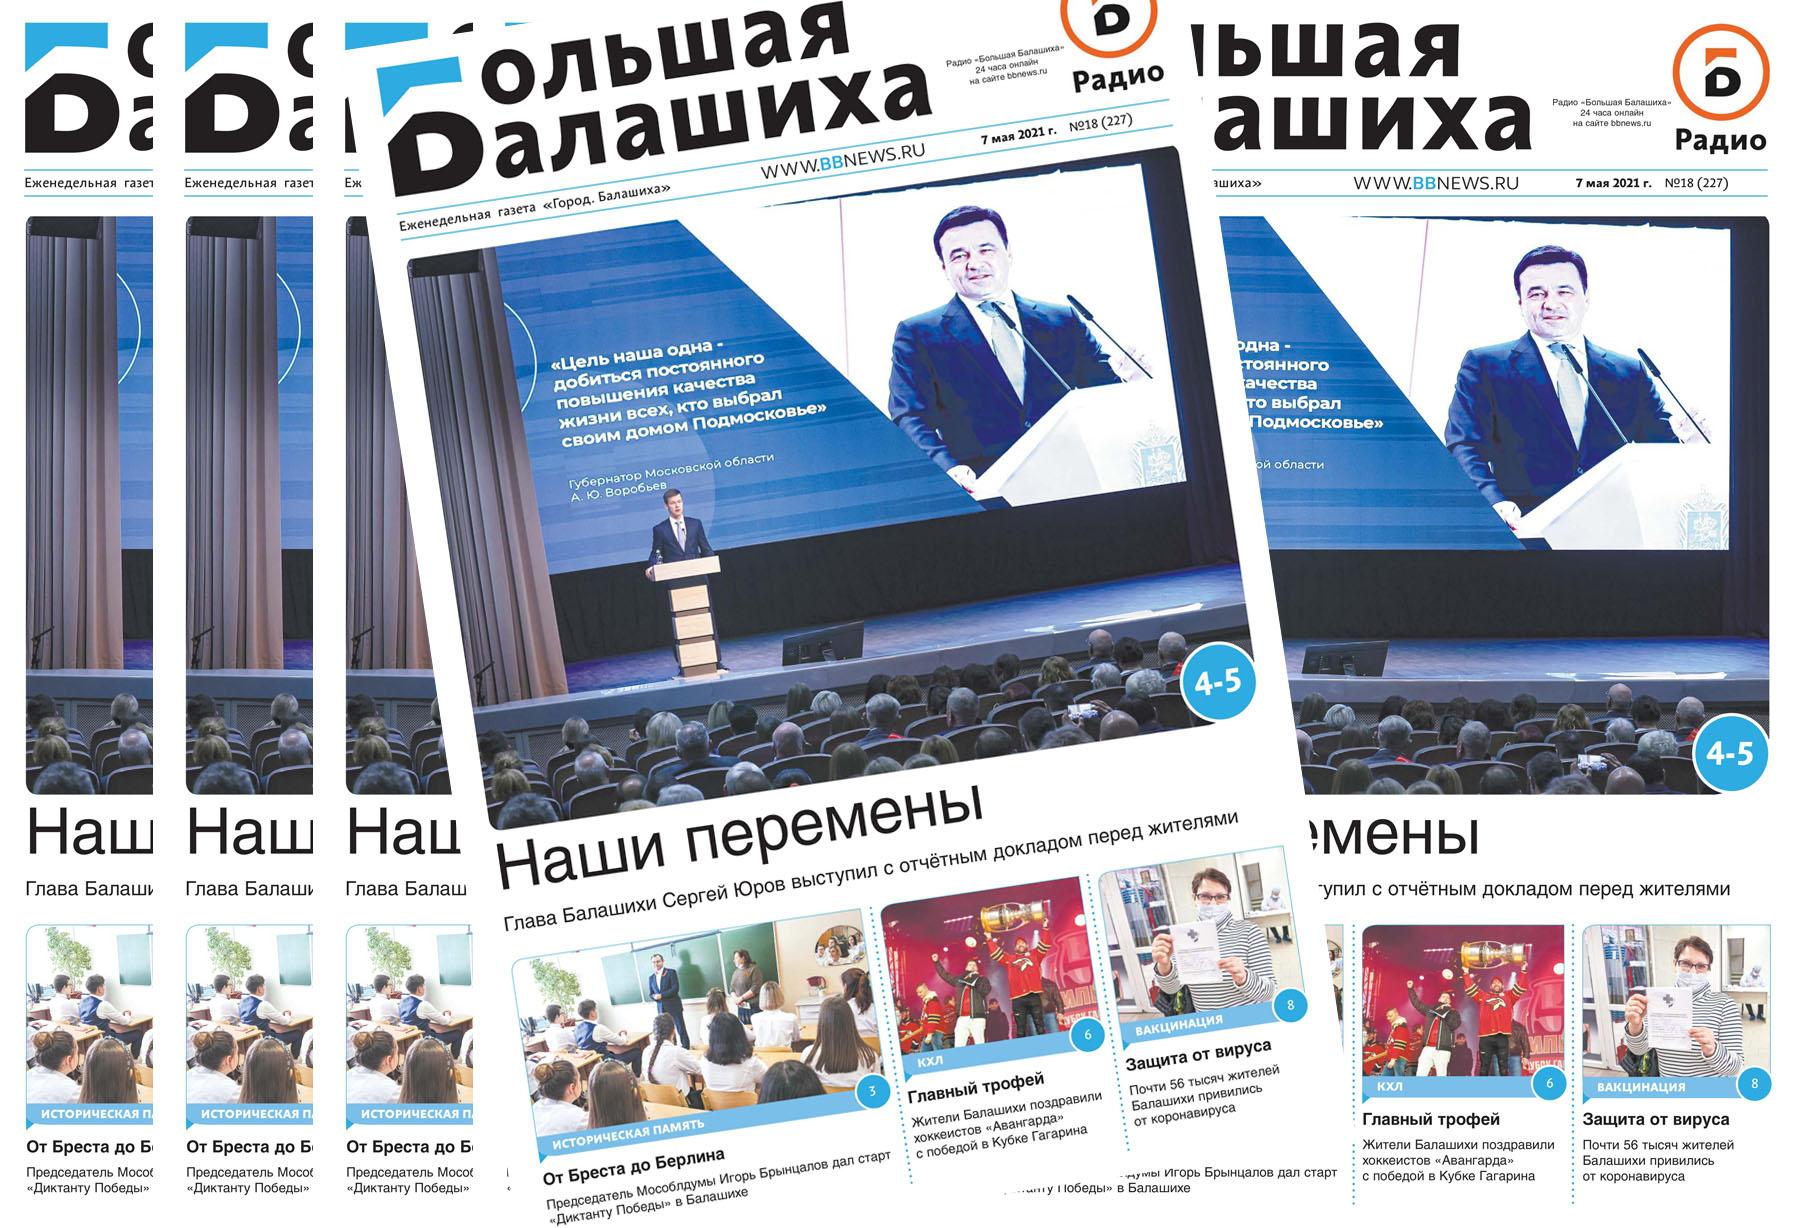 Вышла газета «Город Балашиха» №18 (227)